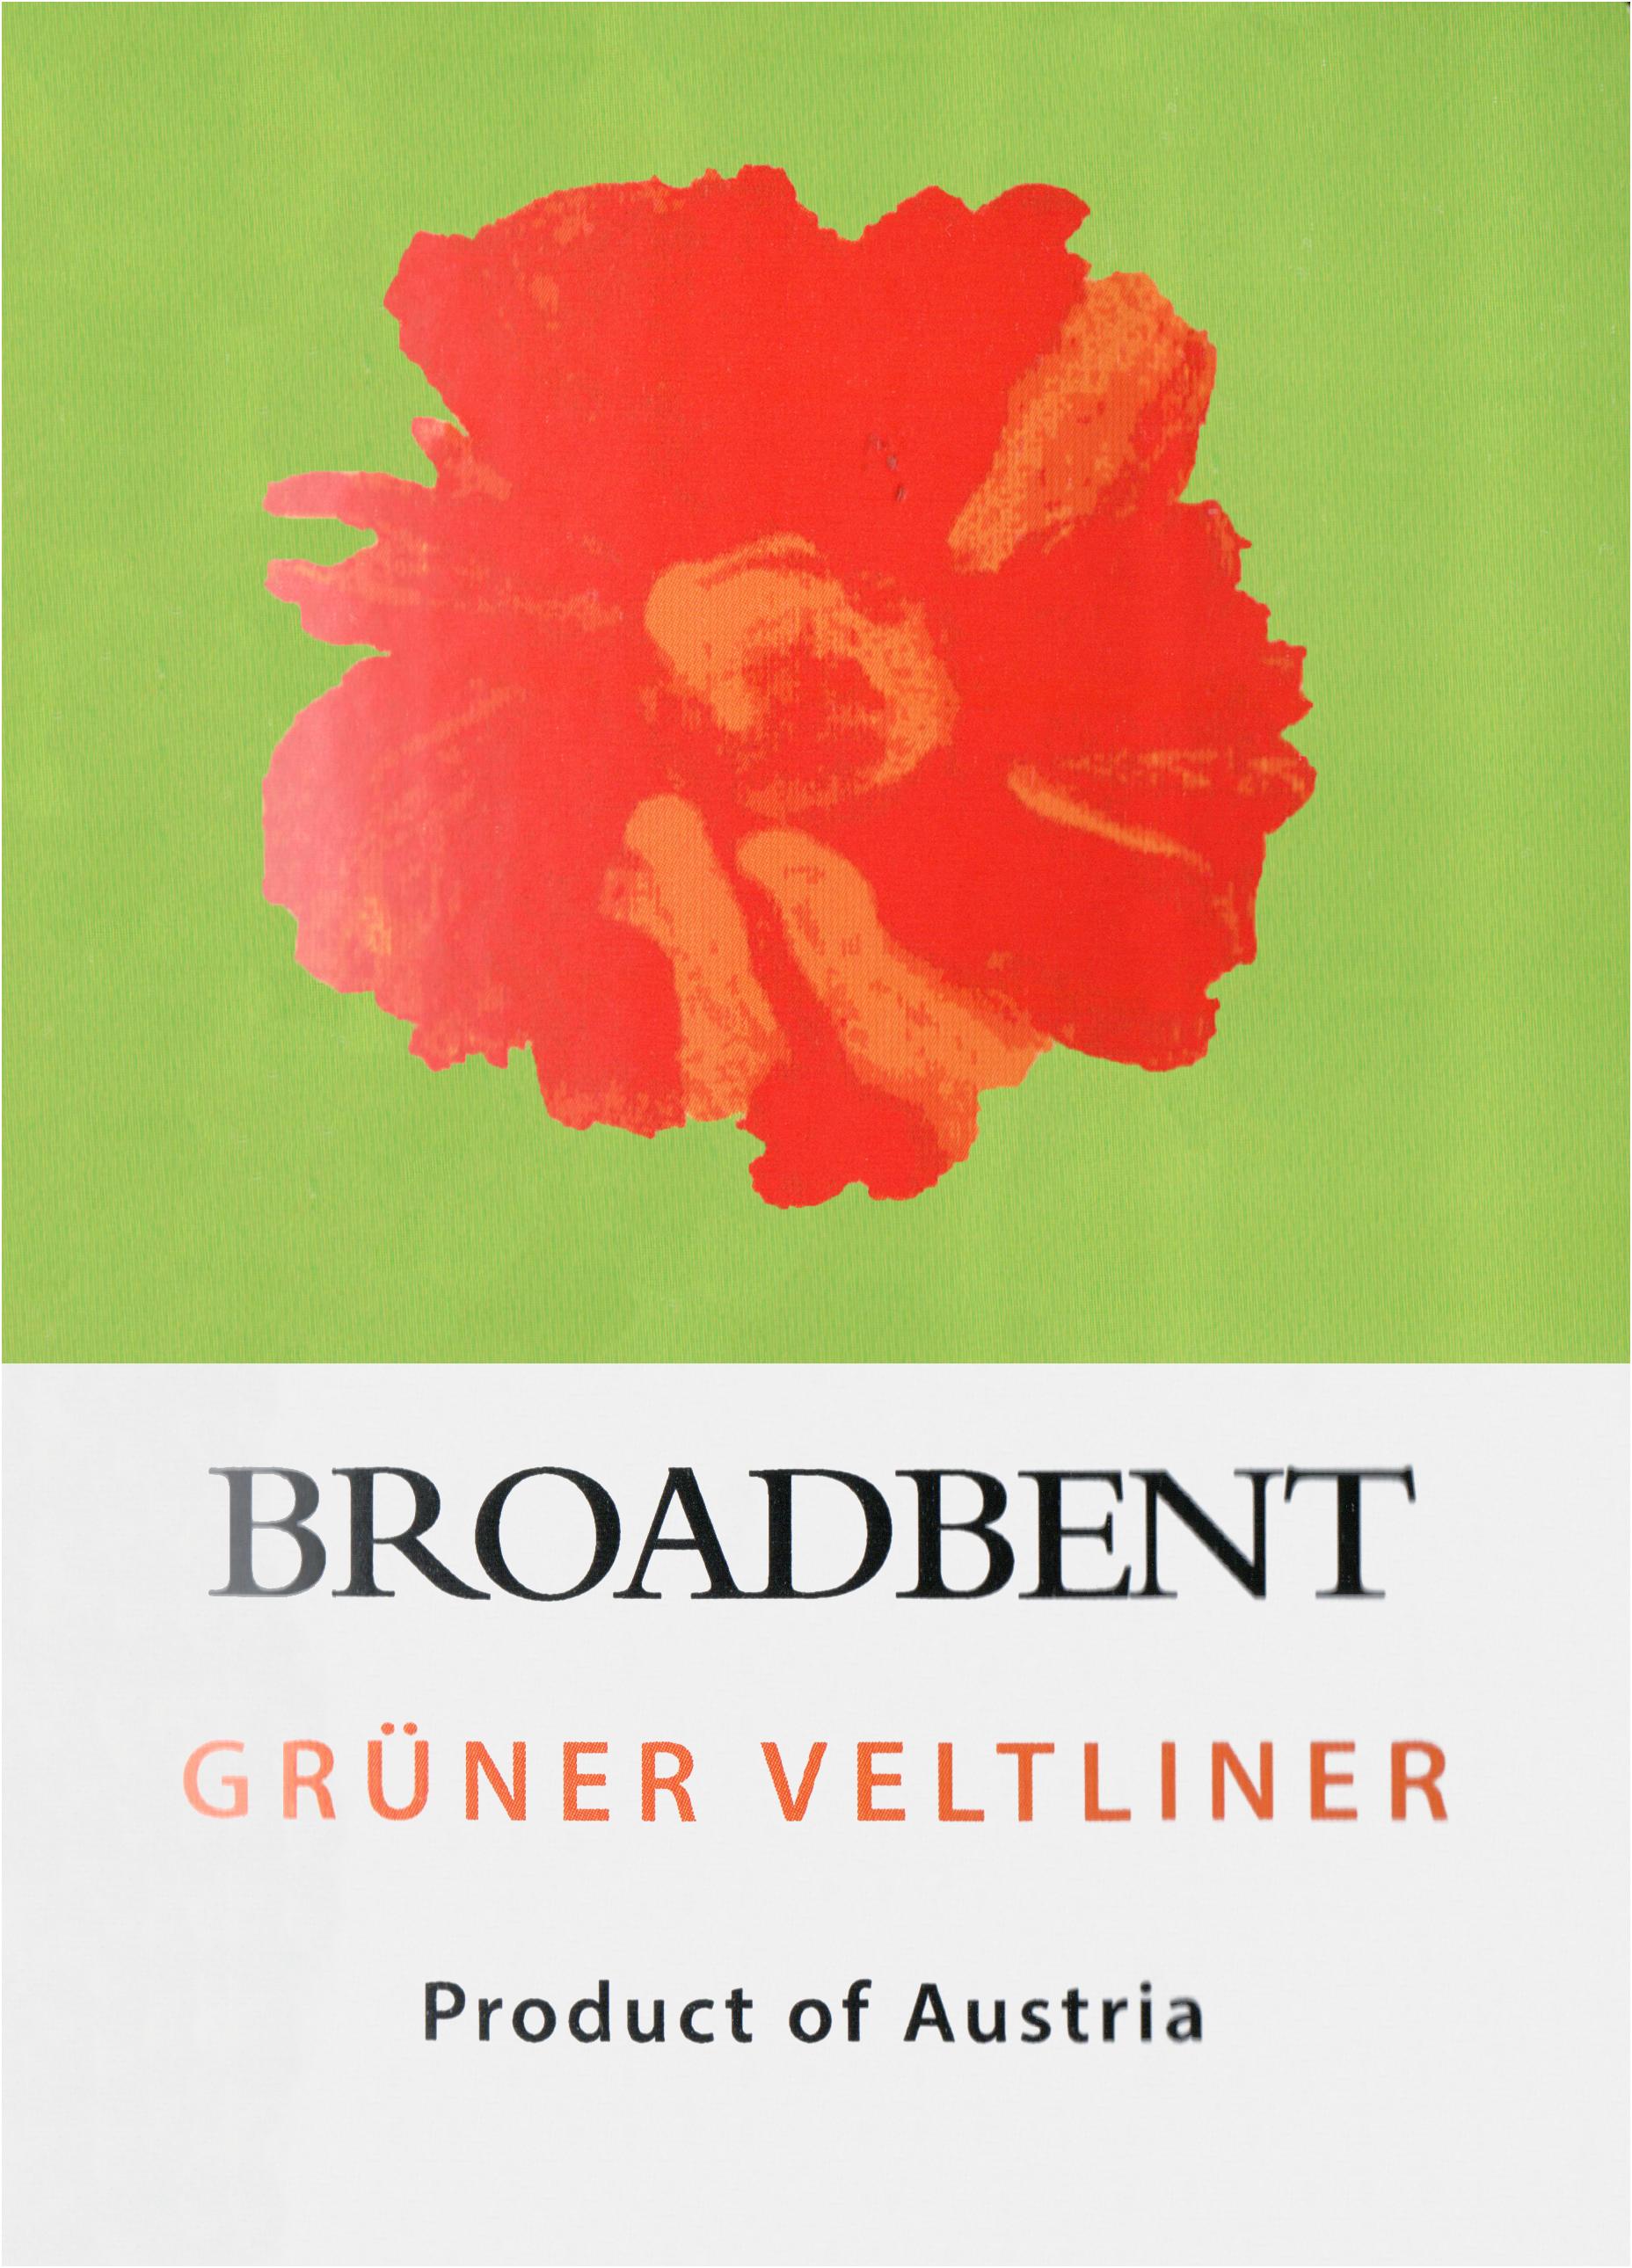 Broadbent Gruner Veltliner 2018